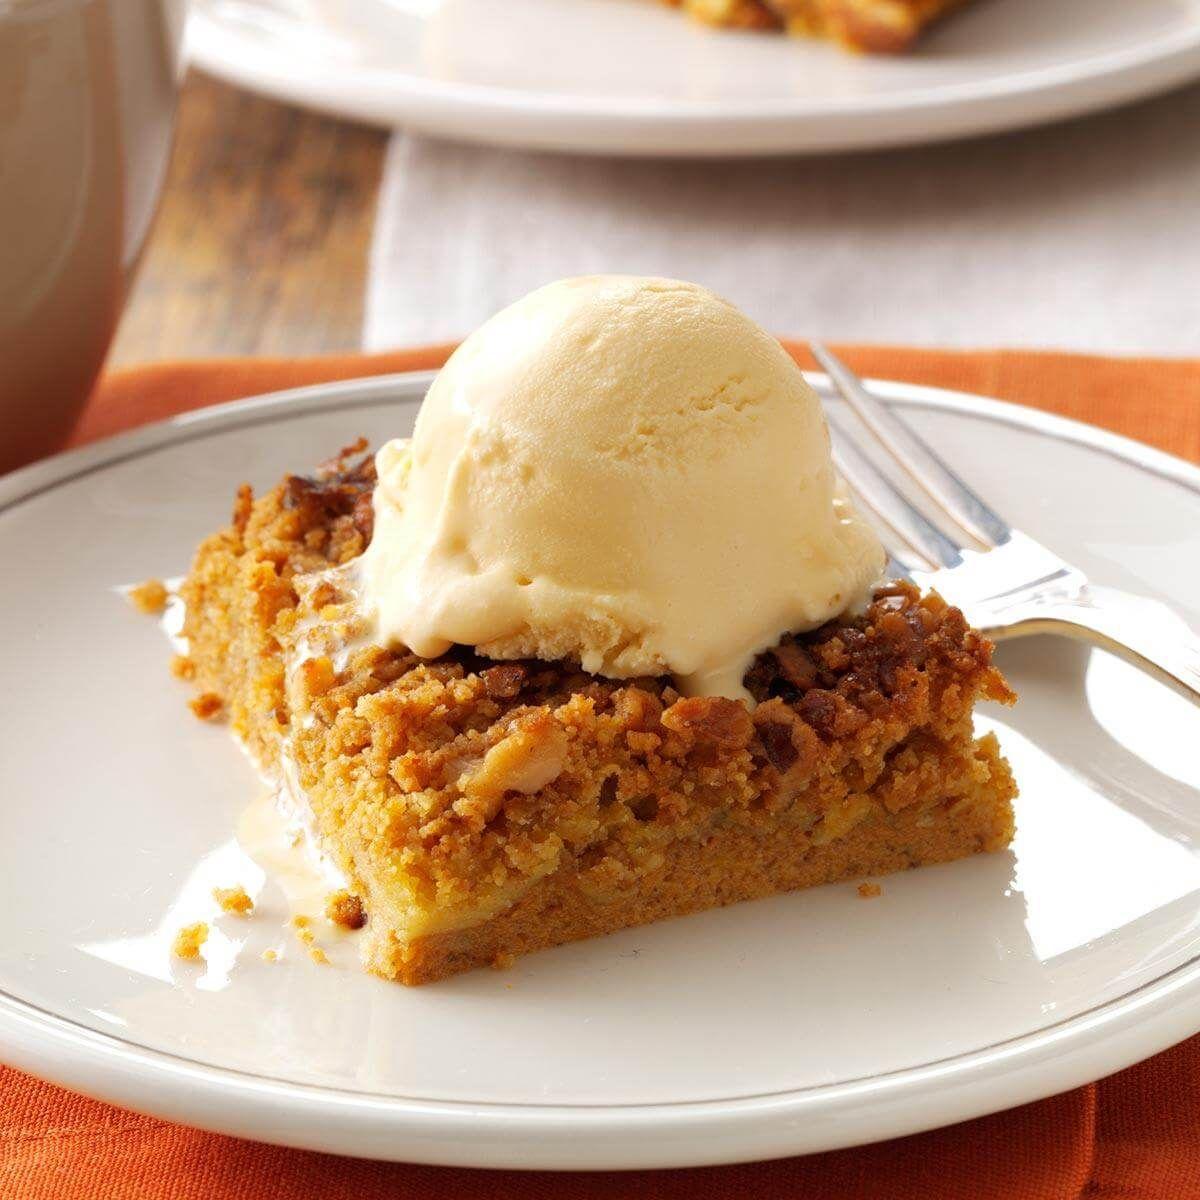 Great Pumpkin Dessert Recipe: Great Pumpkin Dessert